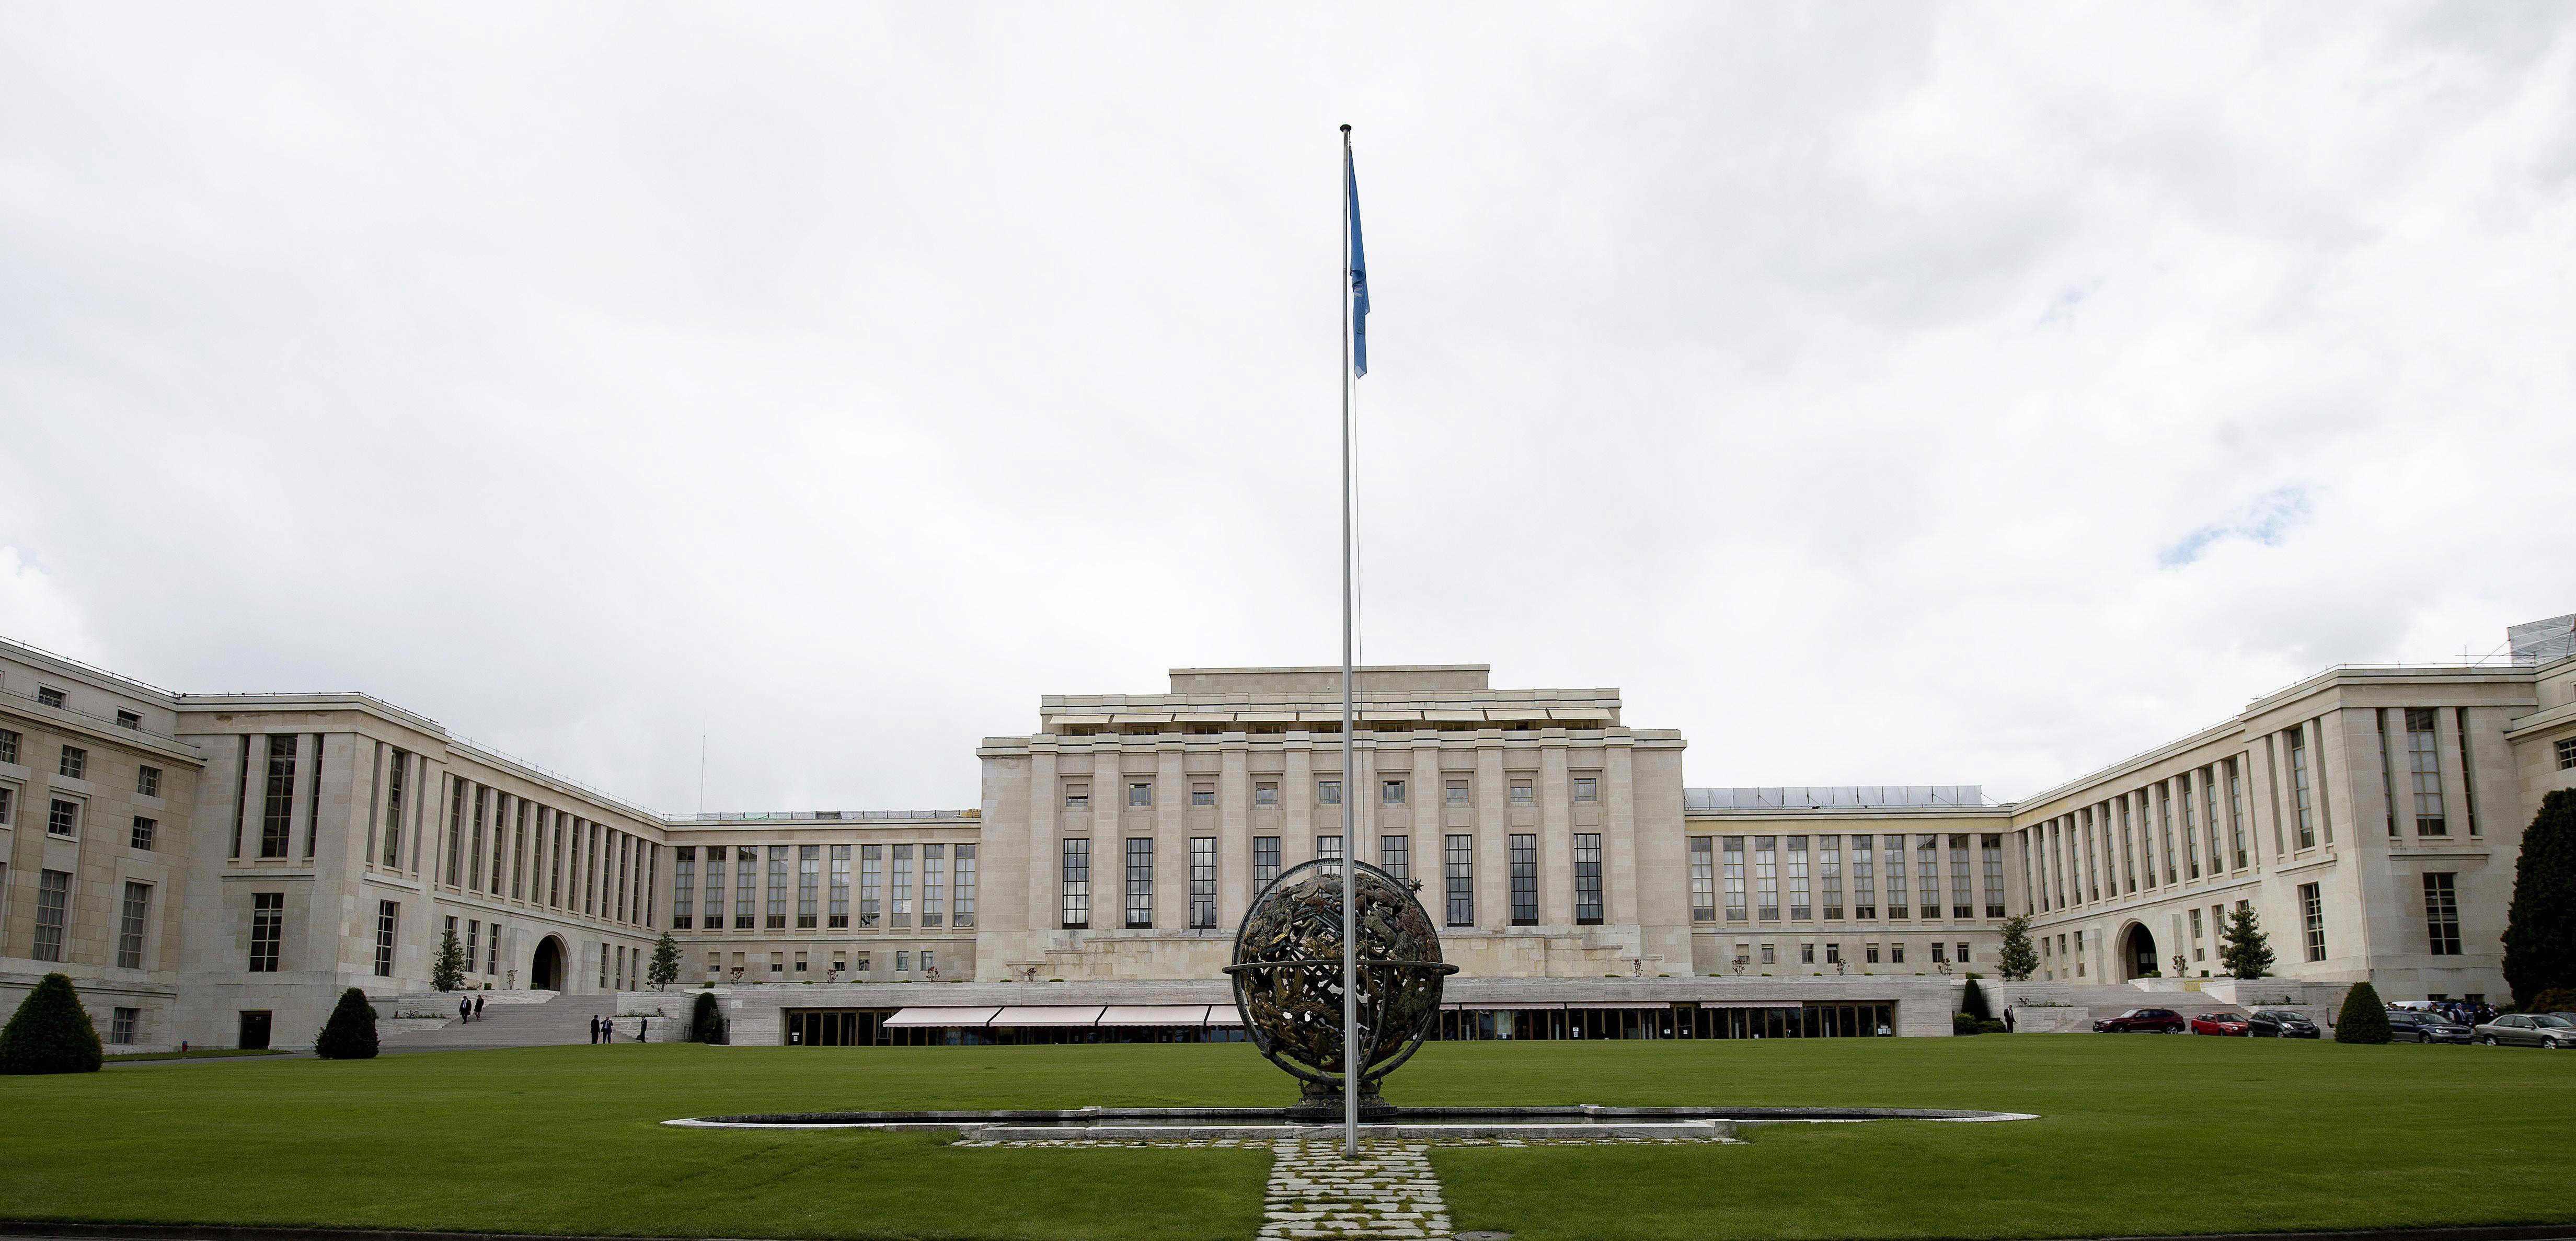 Η ELIT στο πλευρό του UNEP - Περιβαλλοντικό Πρόγραμμα των Ηνωμένων Εθνών